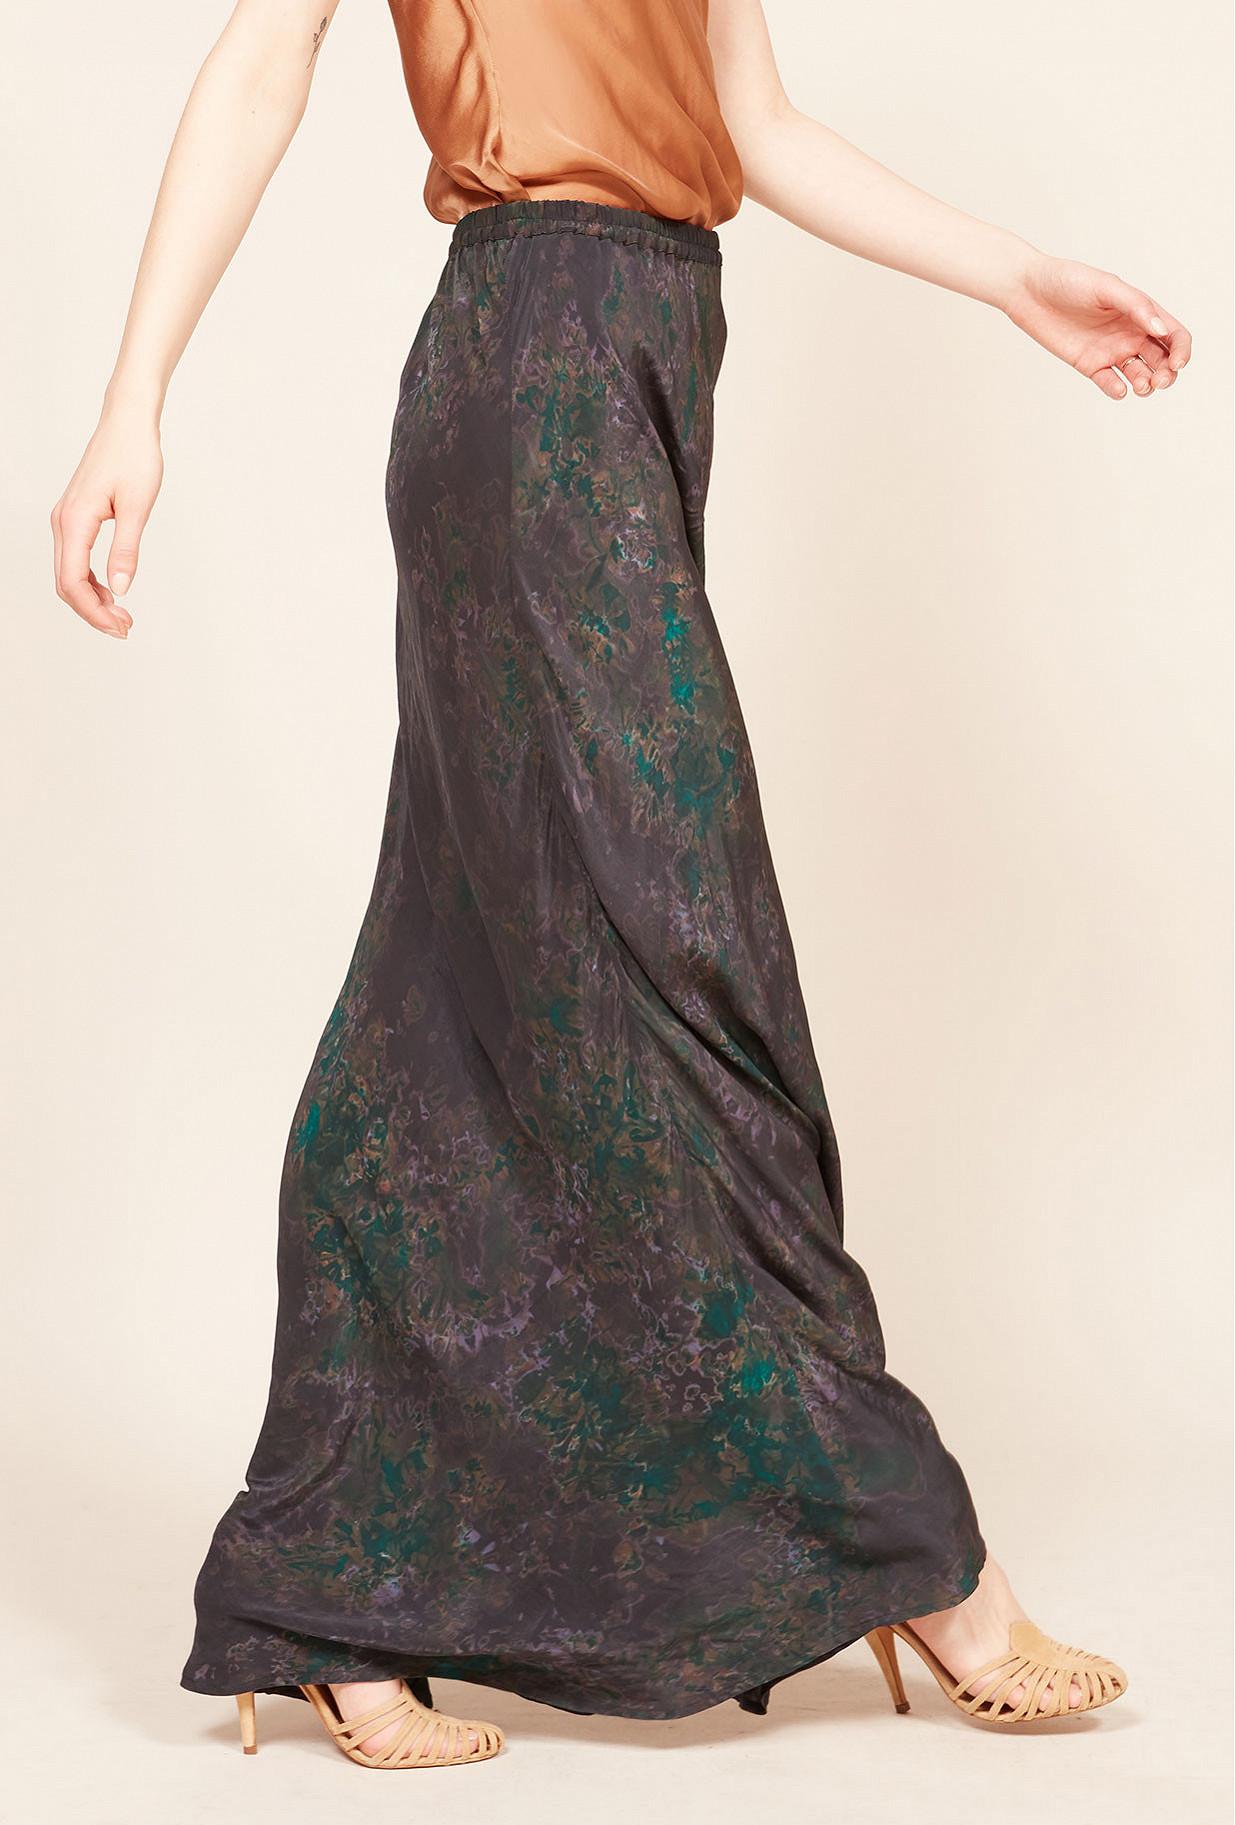 Jupe Imprimé violet  Makari mes demoiselles paris vêtement femme paris